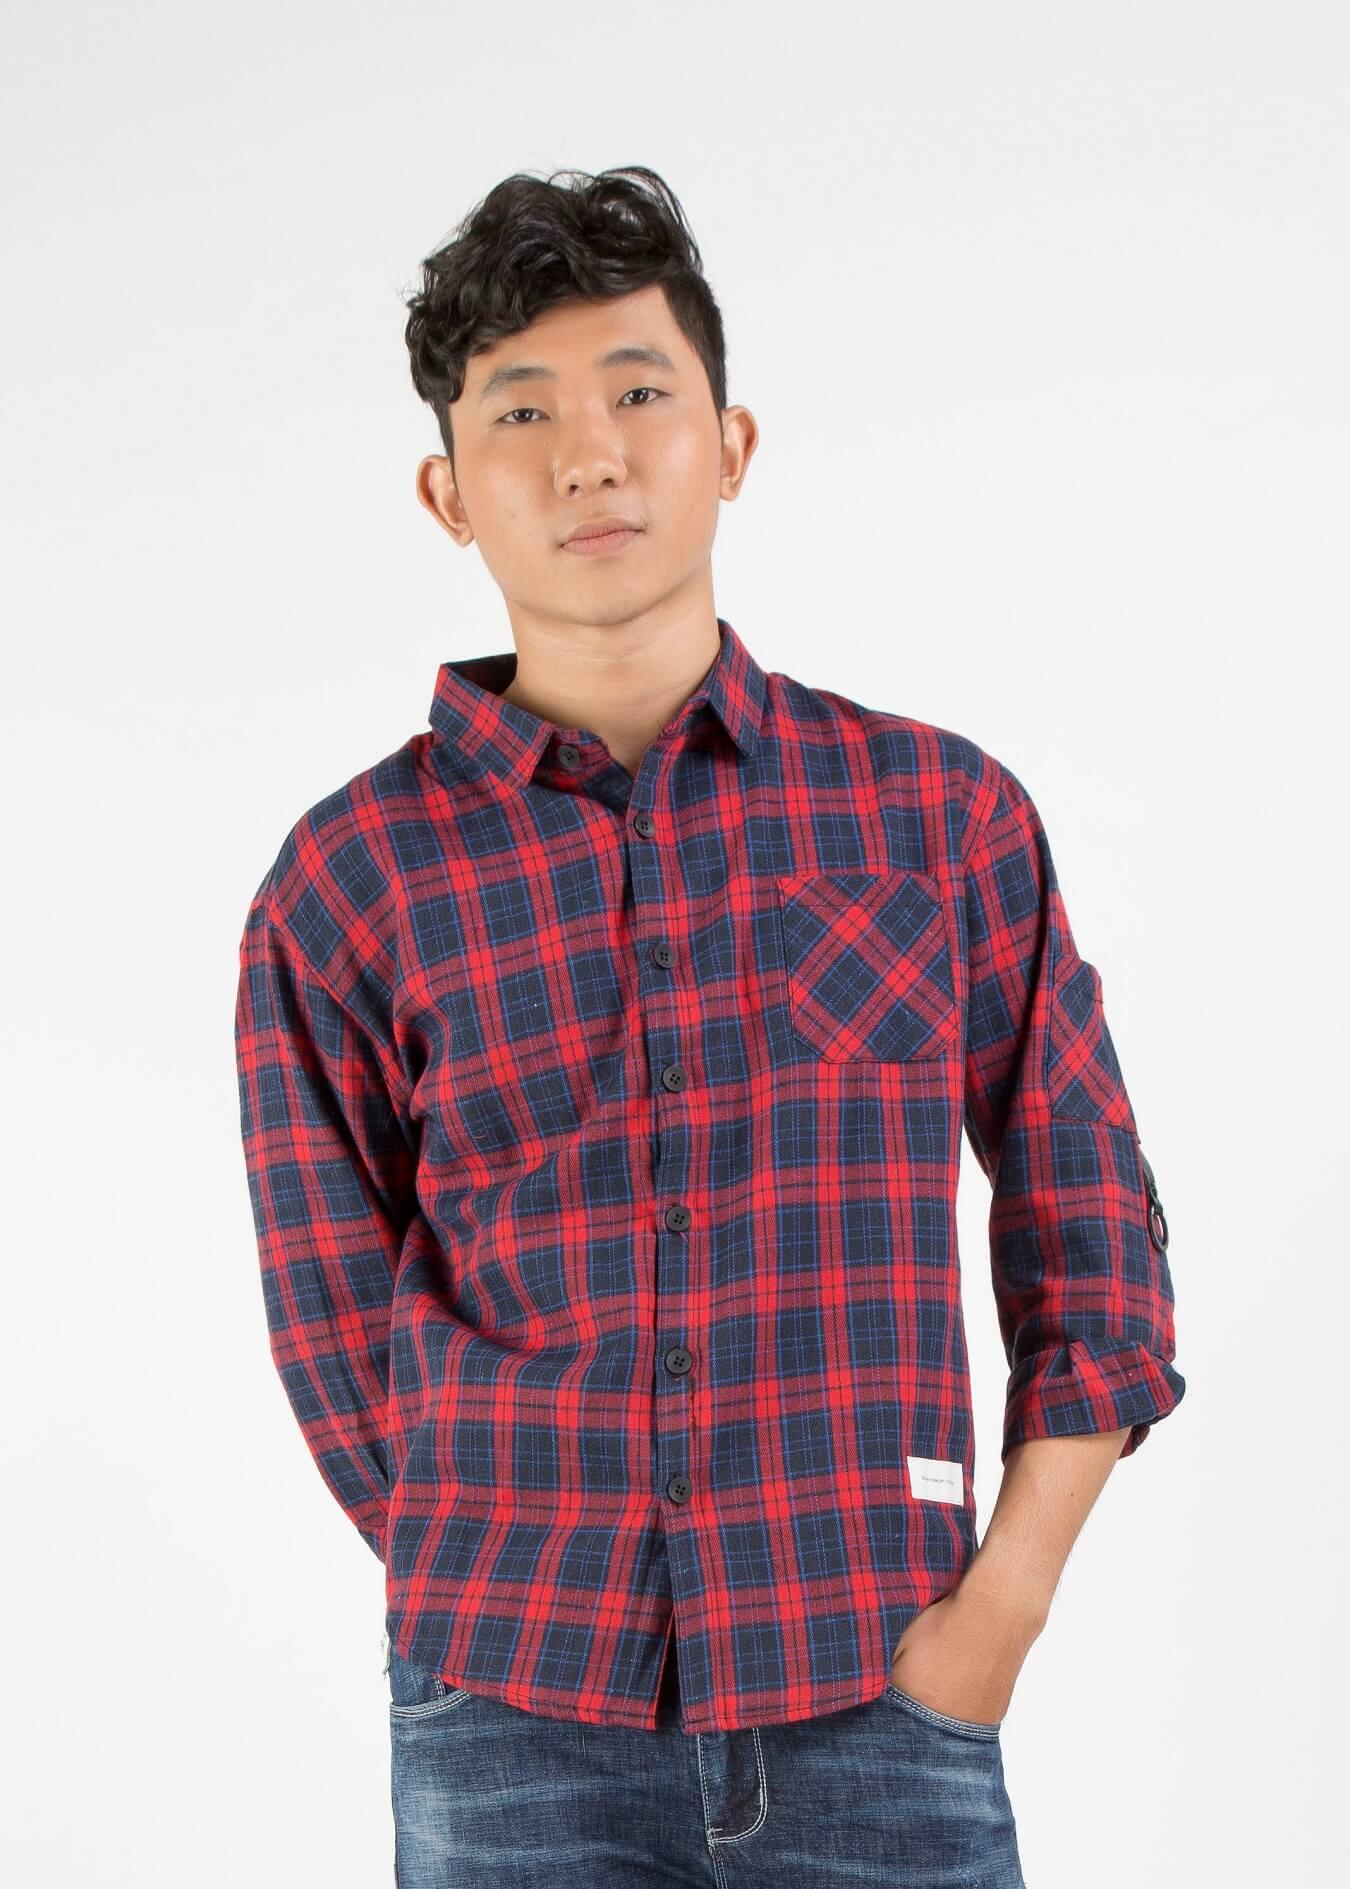 Flannel shirt là gì? mặc và phối áo flannel sao cho đẹp